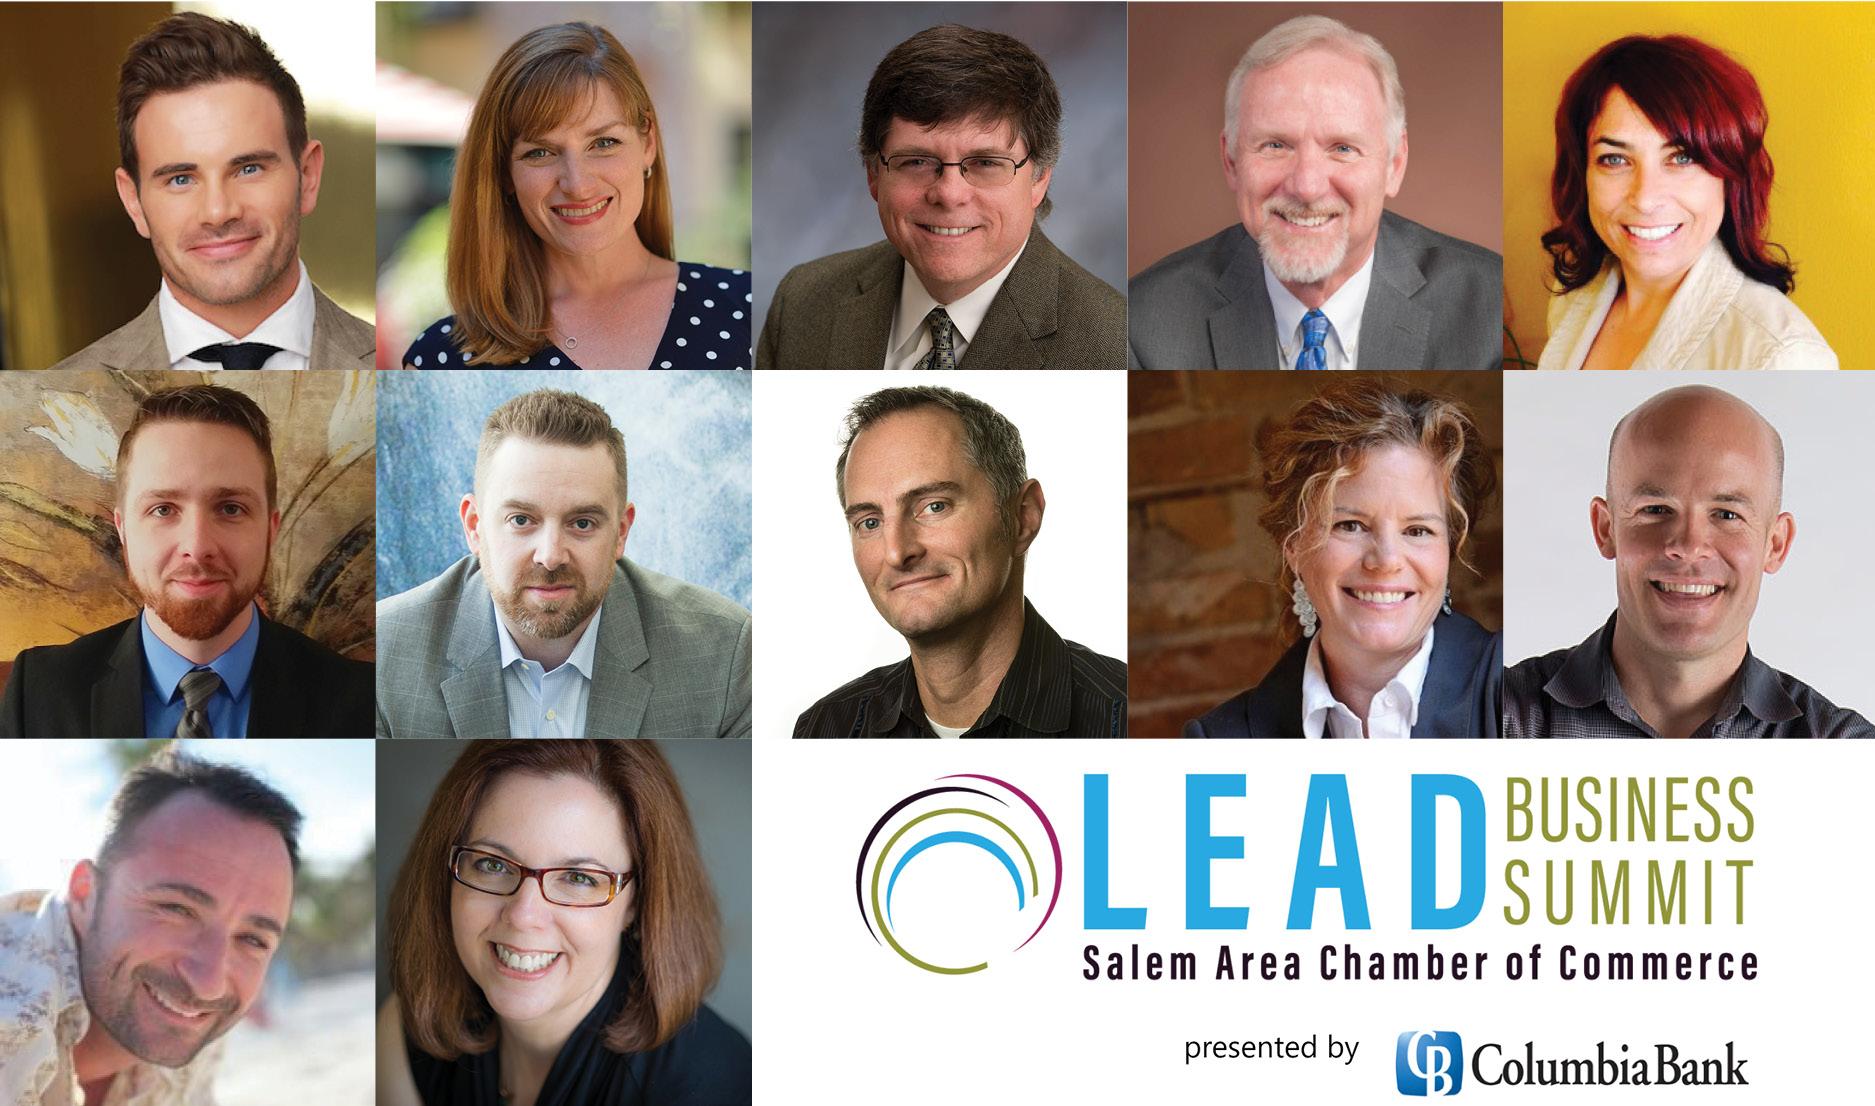 LEAD Business Summit speakers